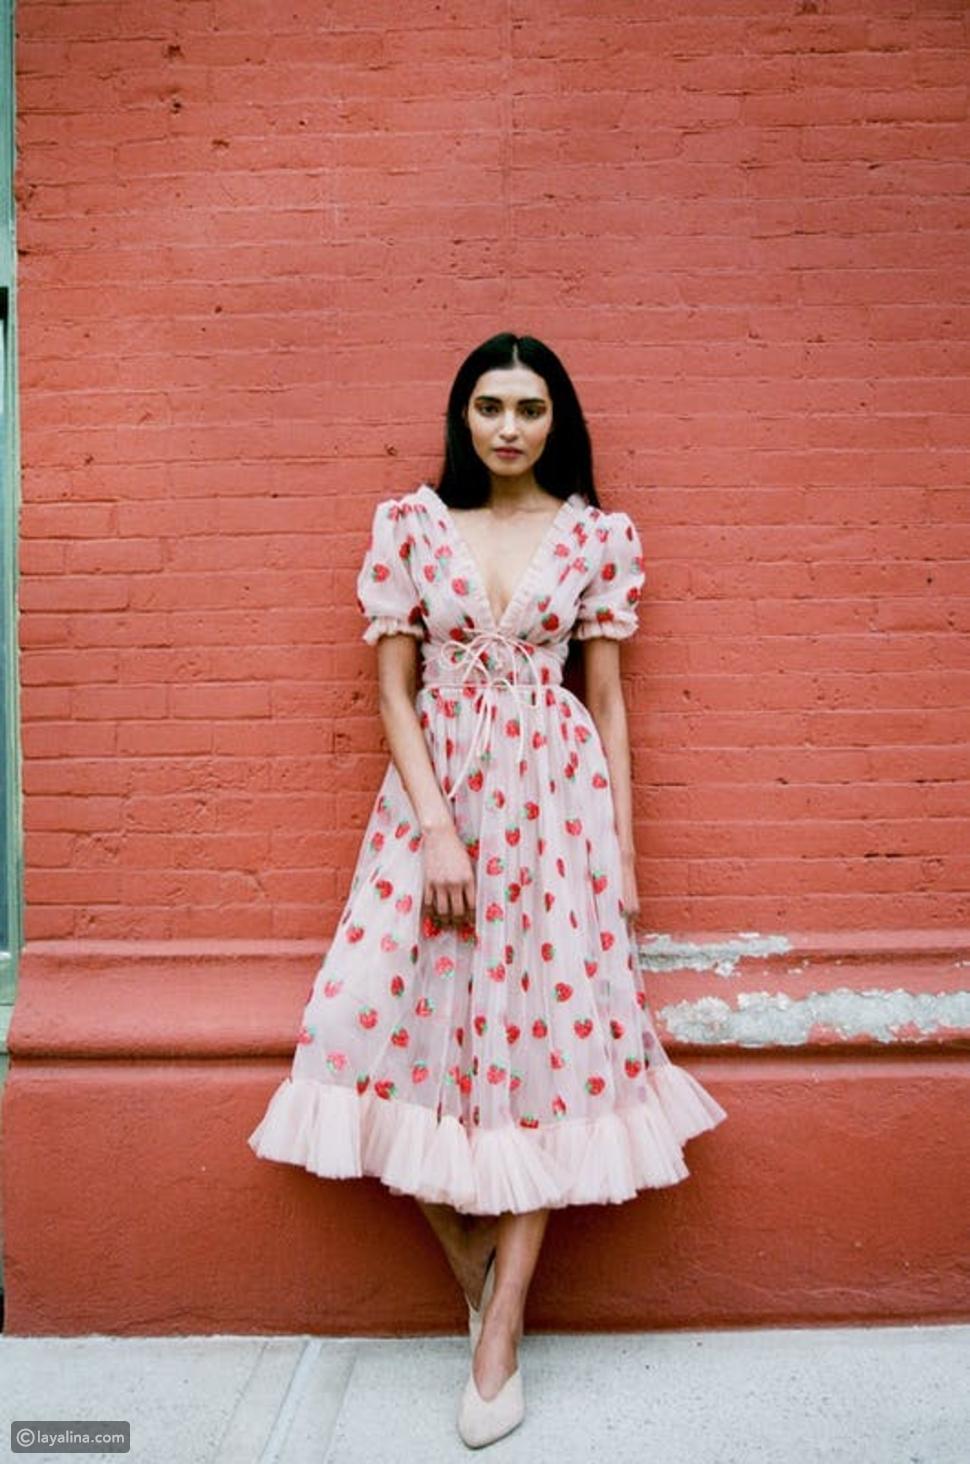 12 لحظة مؤثرة في الموضة في 2020